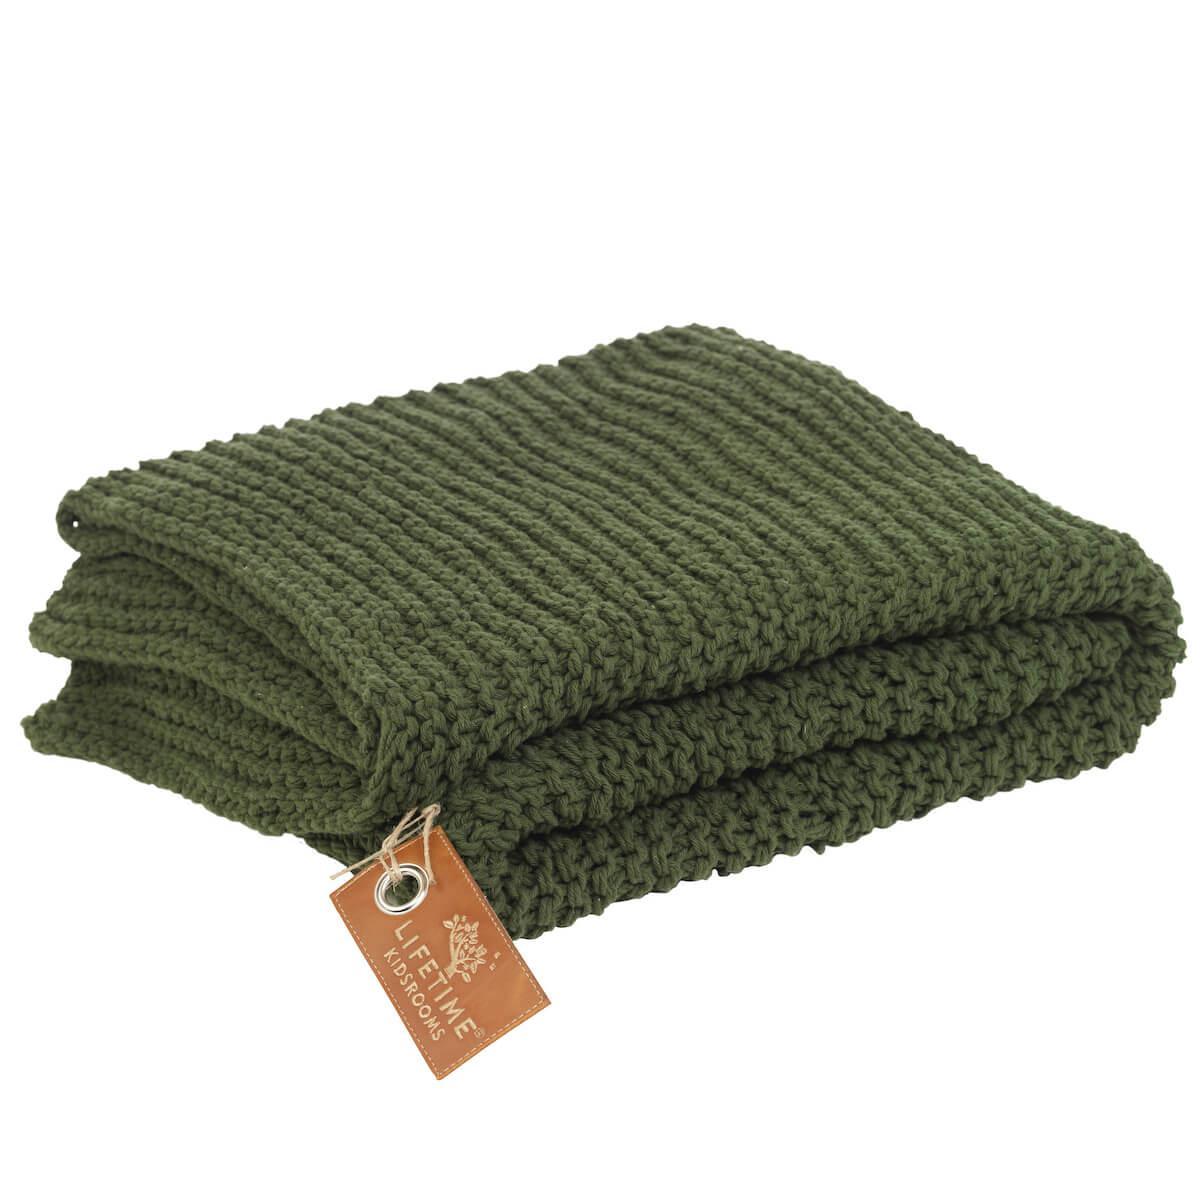 Plaid 150x130cm ADVENTURE Lifetime crochet